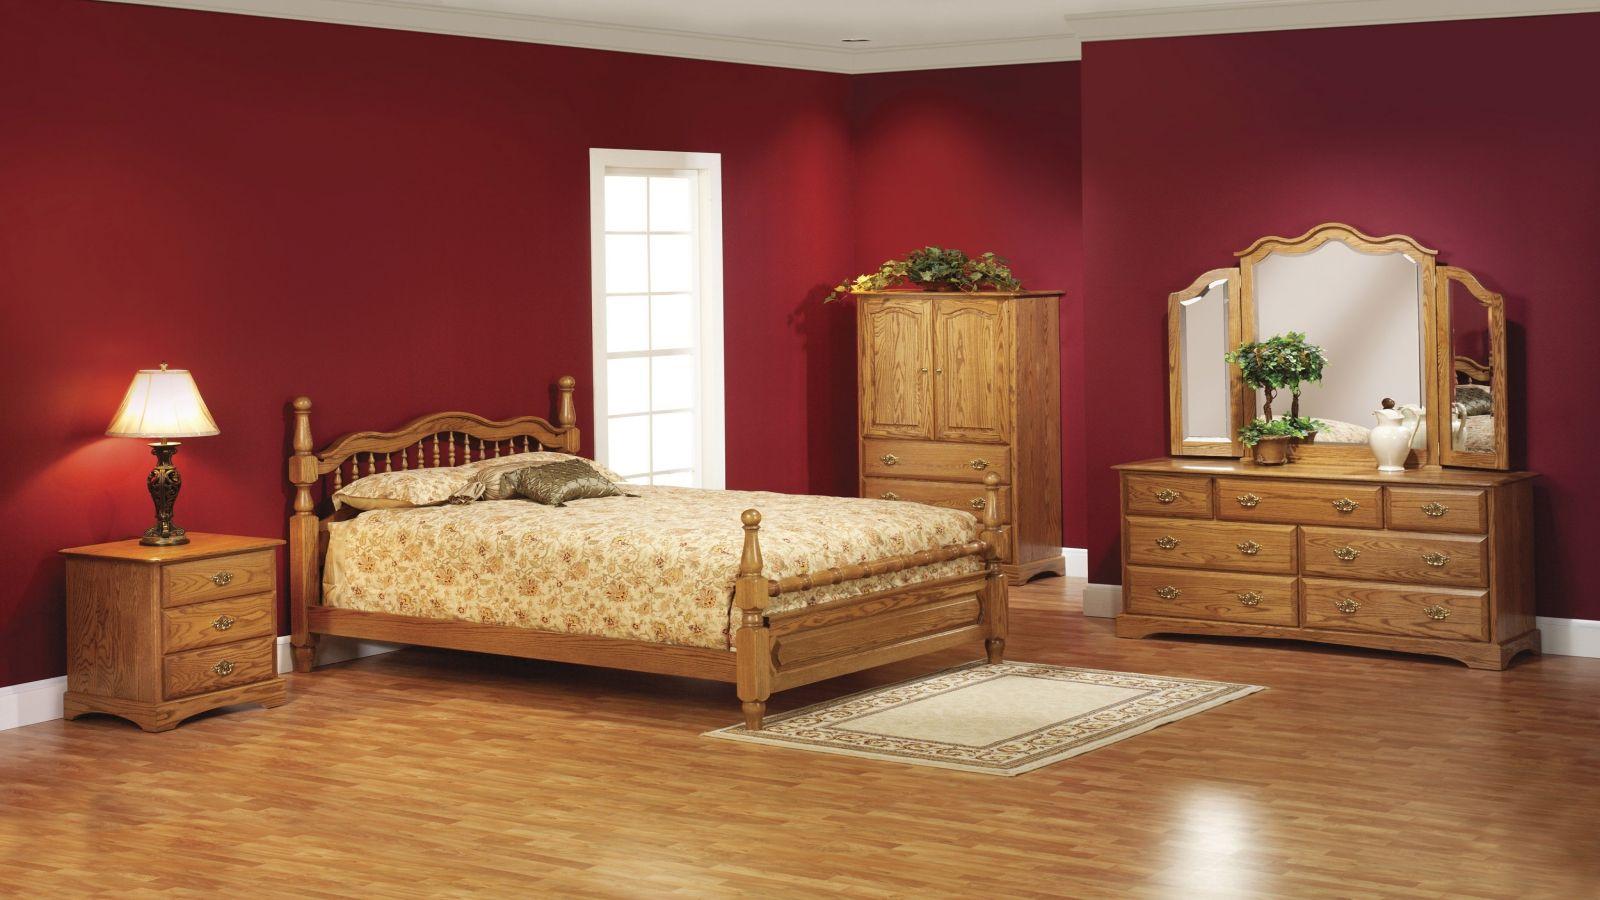 Лакировка деревянной мебели. Защитные свойства